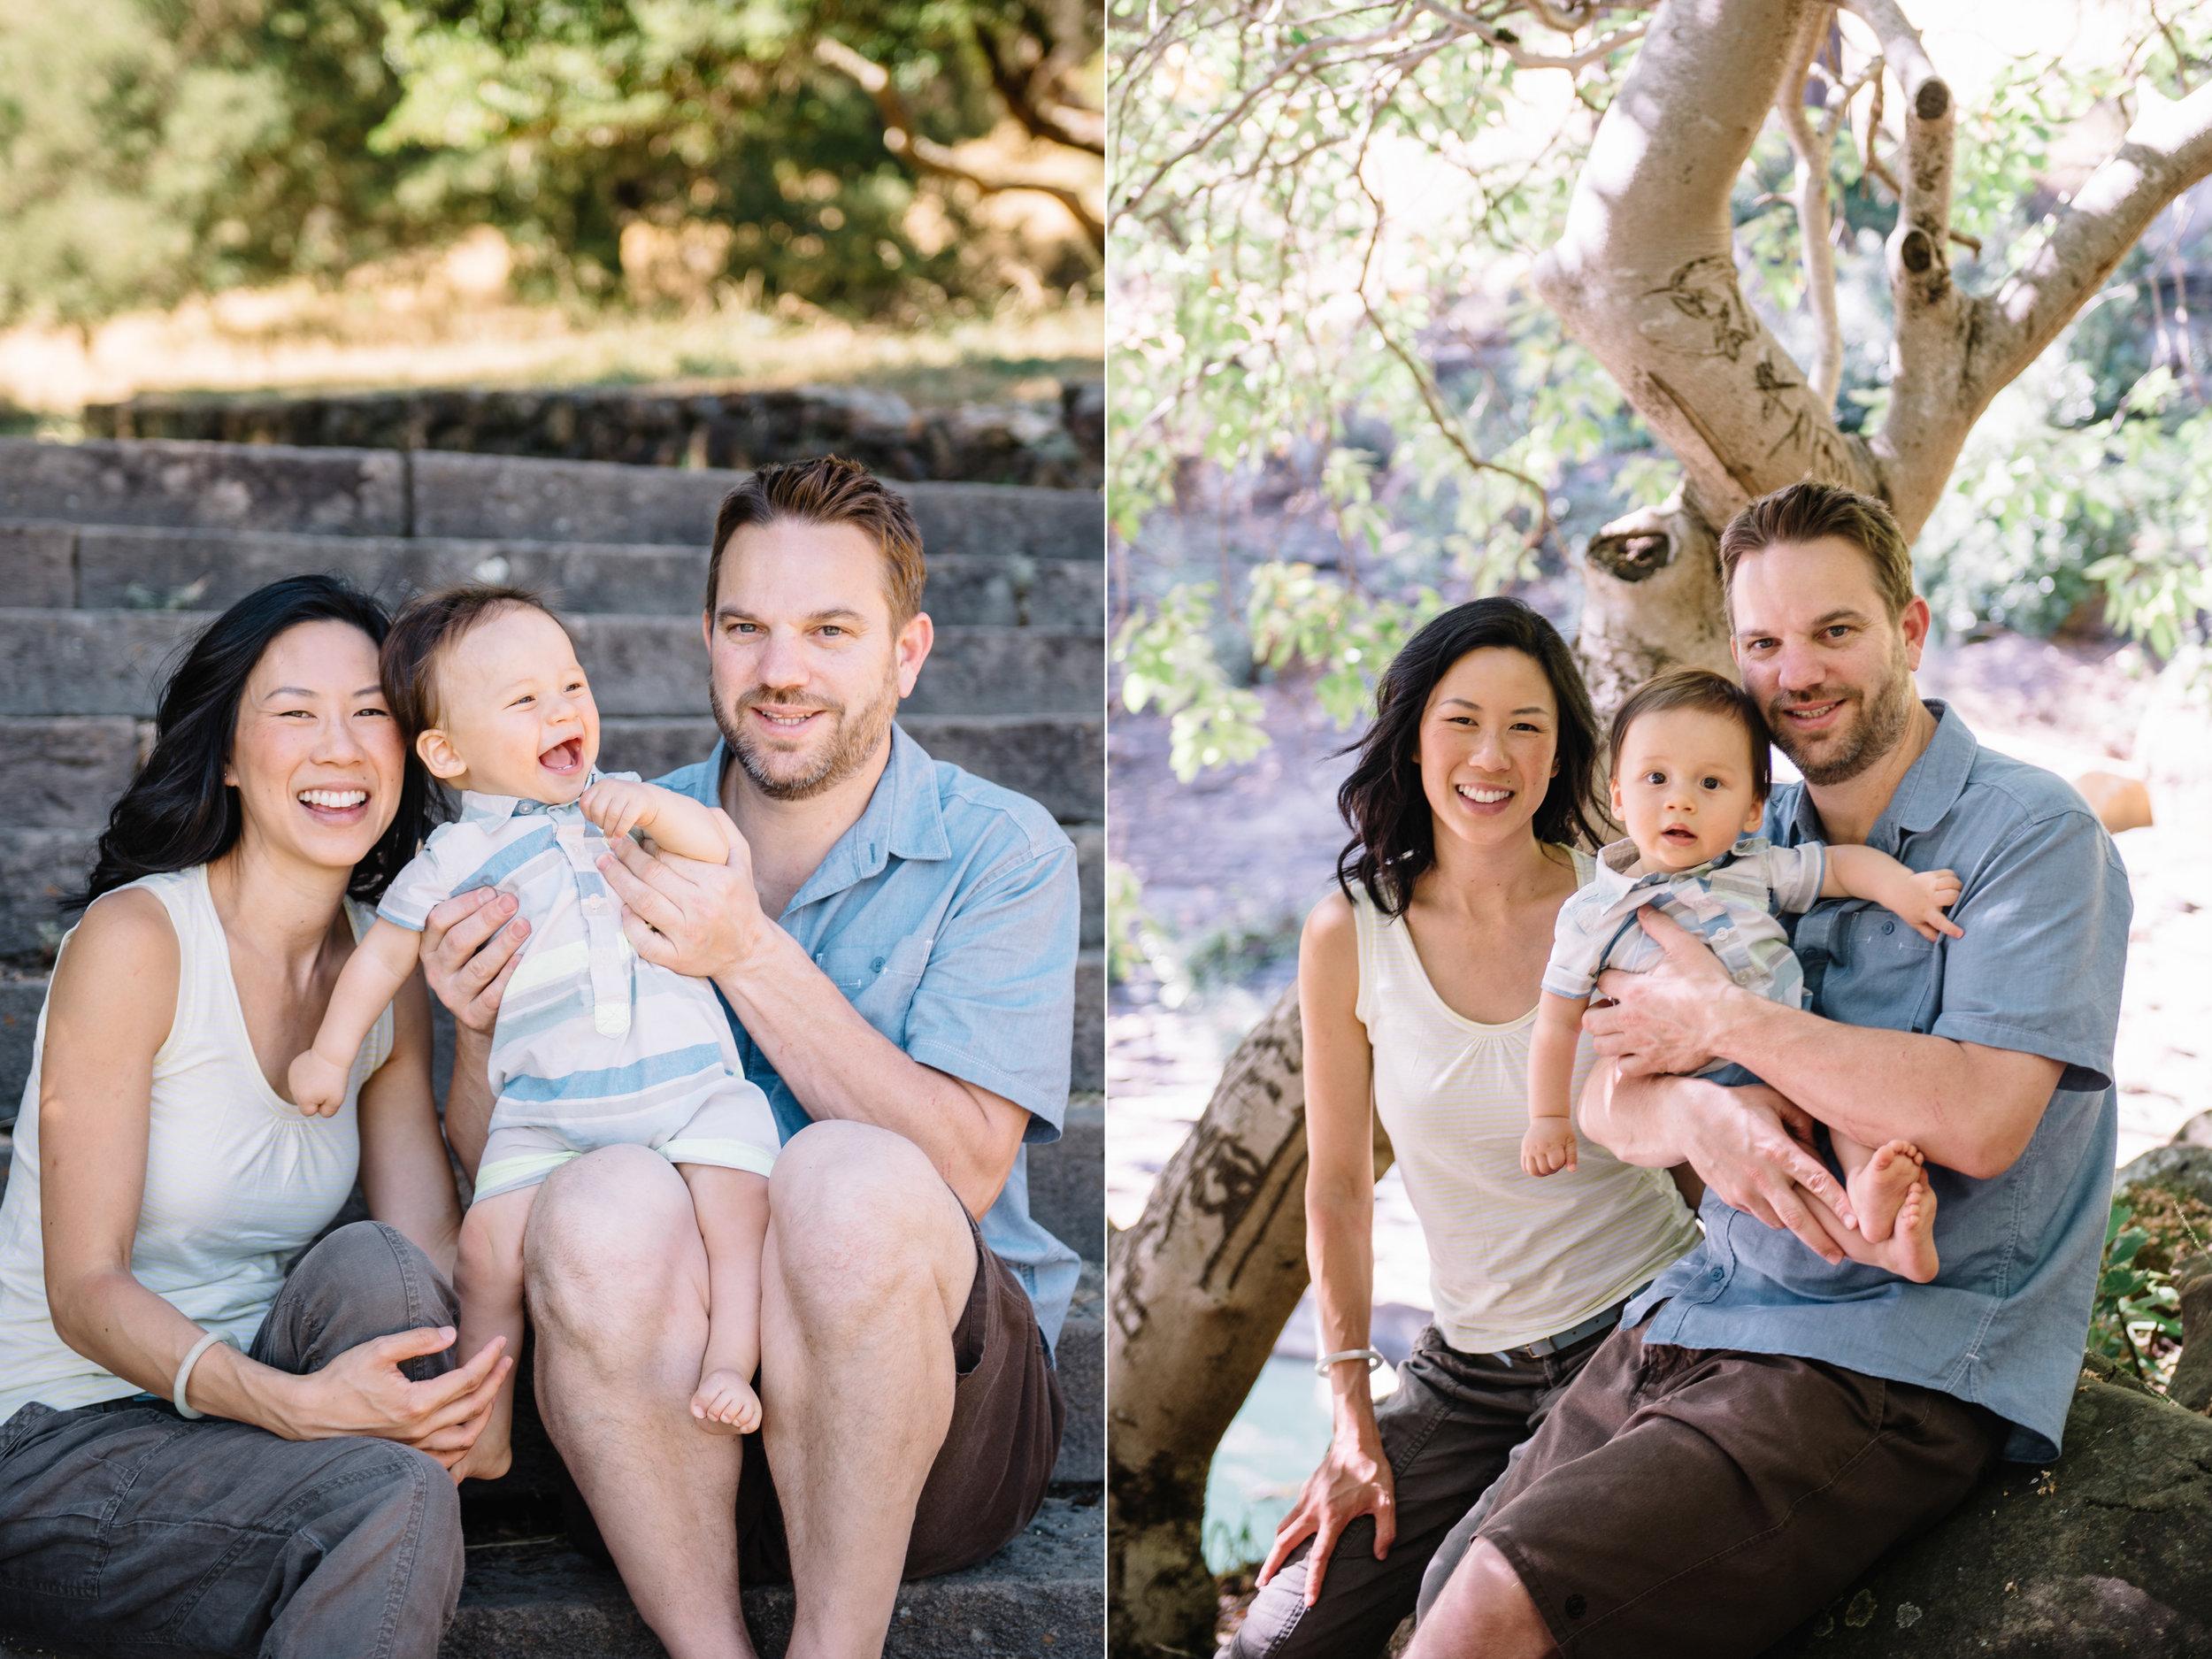 jennifer-jayn-photography-joaquin-miller-park-family-portrait-session-03.jpg